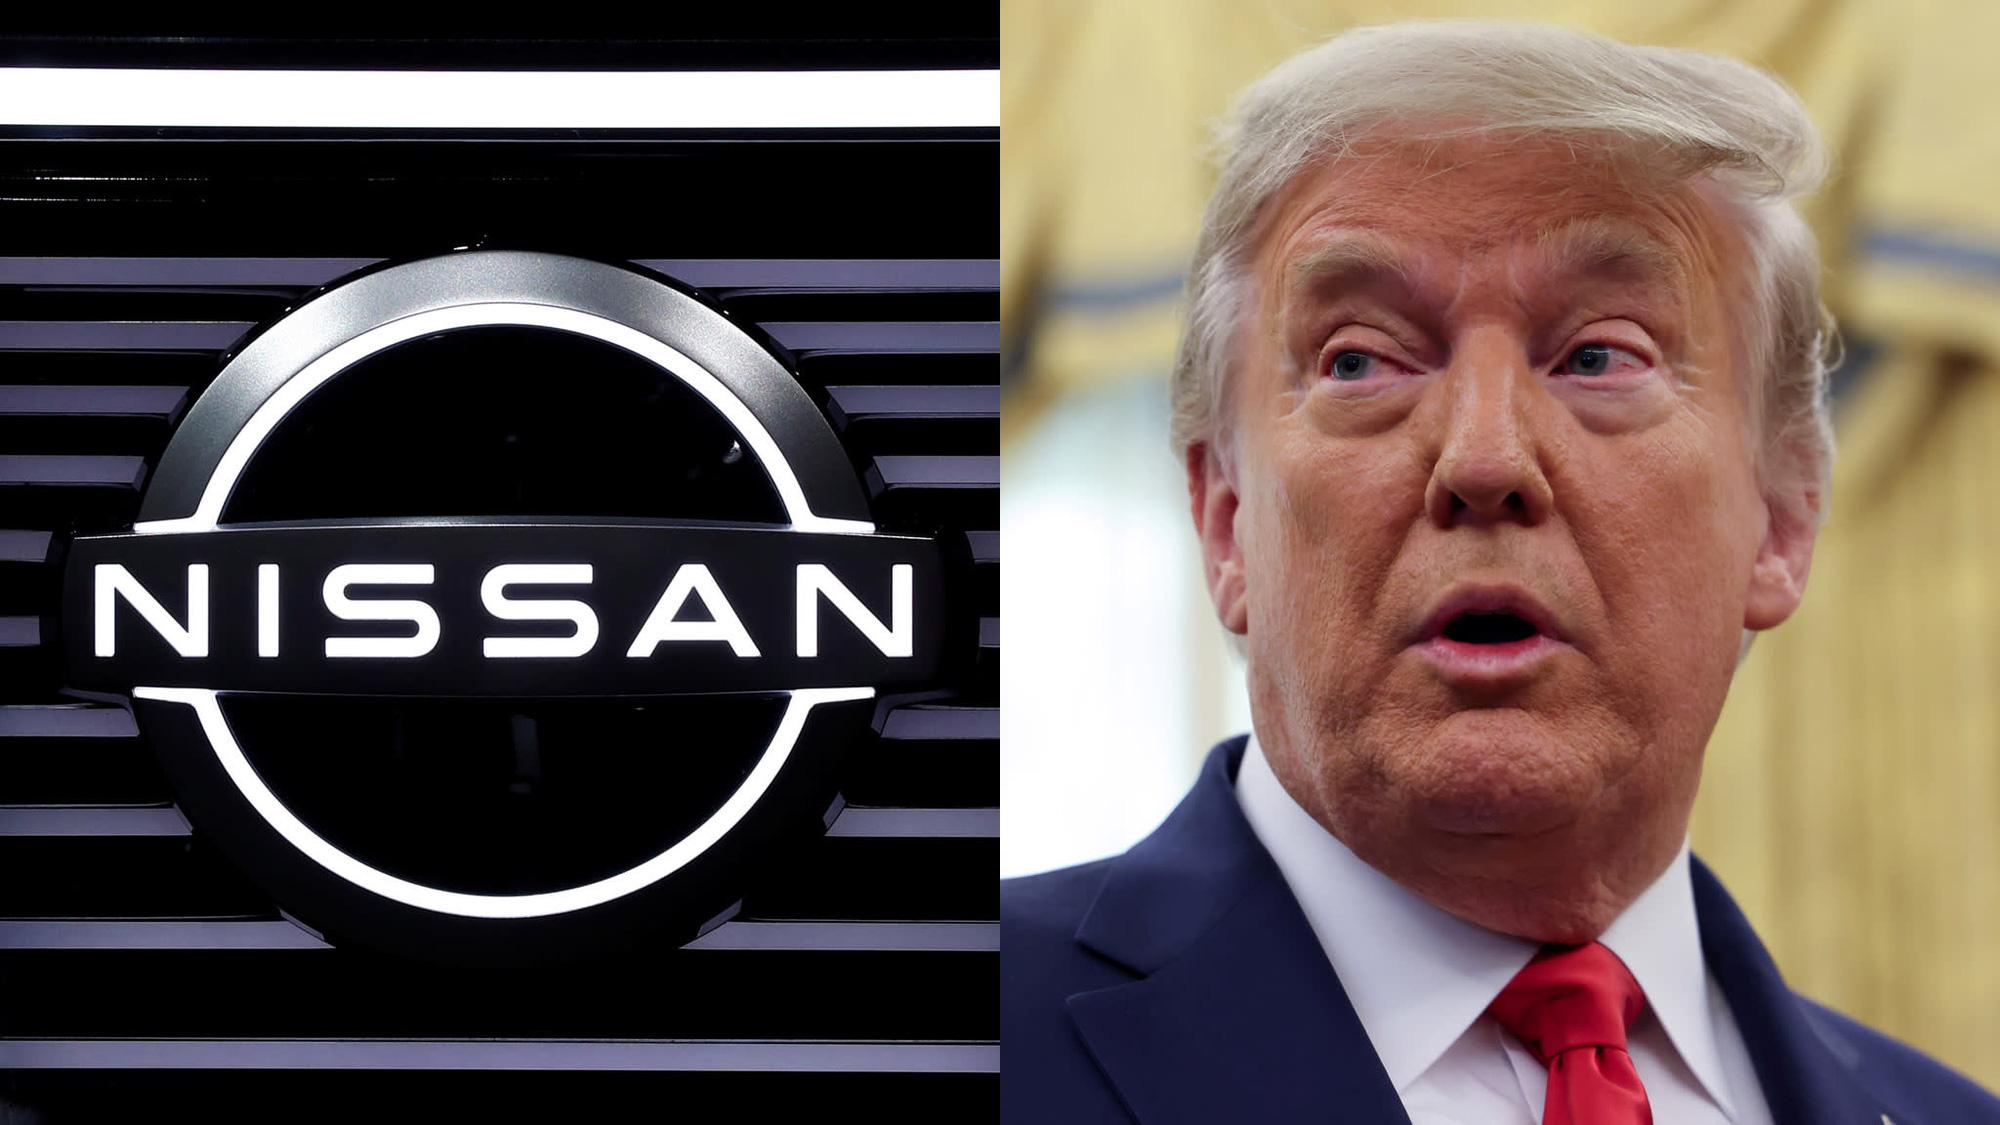 Nissan bất ngờ 'phản' Trump, tiến về phía chính quyền Biden - Ảnh 1.